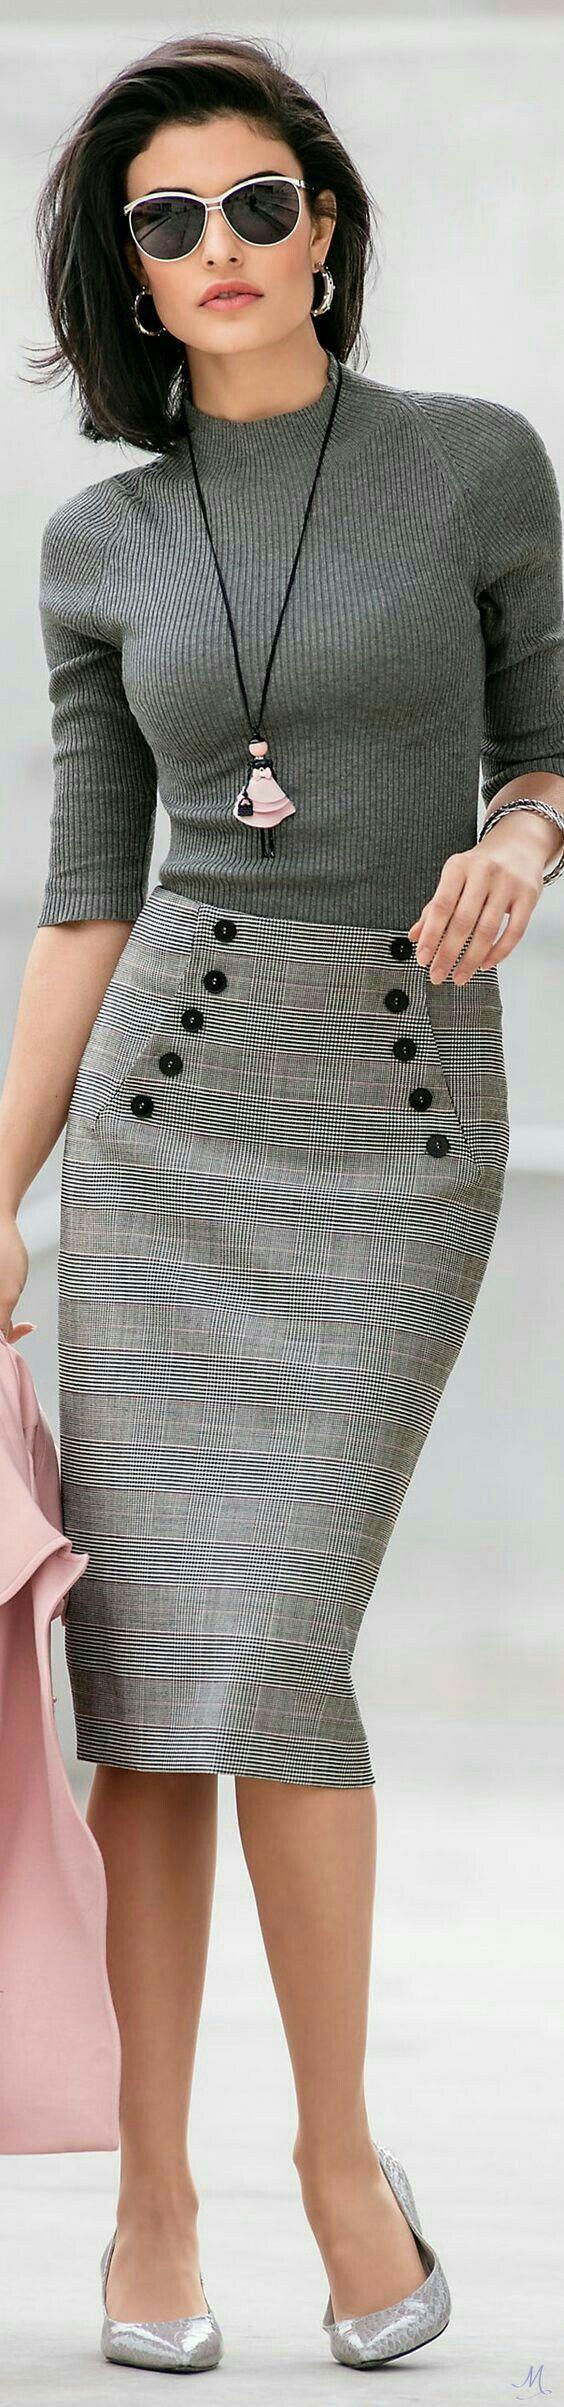 Chanel Hermès Louis Vuitton Christian Louboutin Prada Céline Jimmy Choo Gucci …